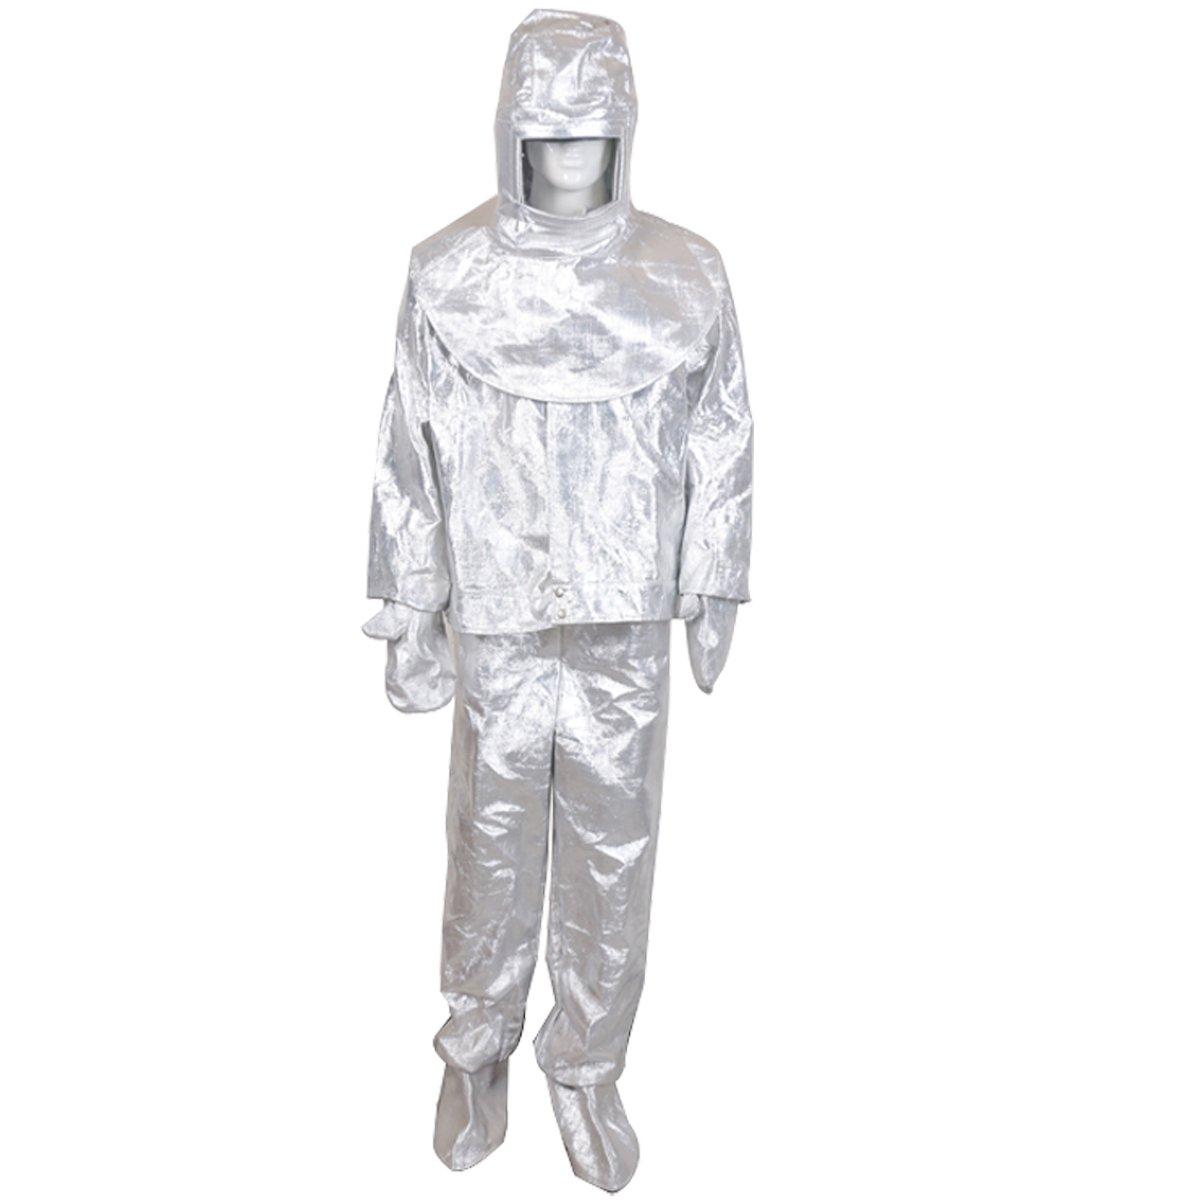 Amazon.com: Traje de trabajo de seguridad de aluminio ...